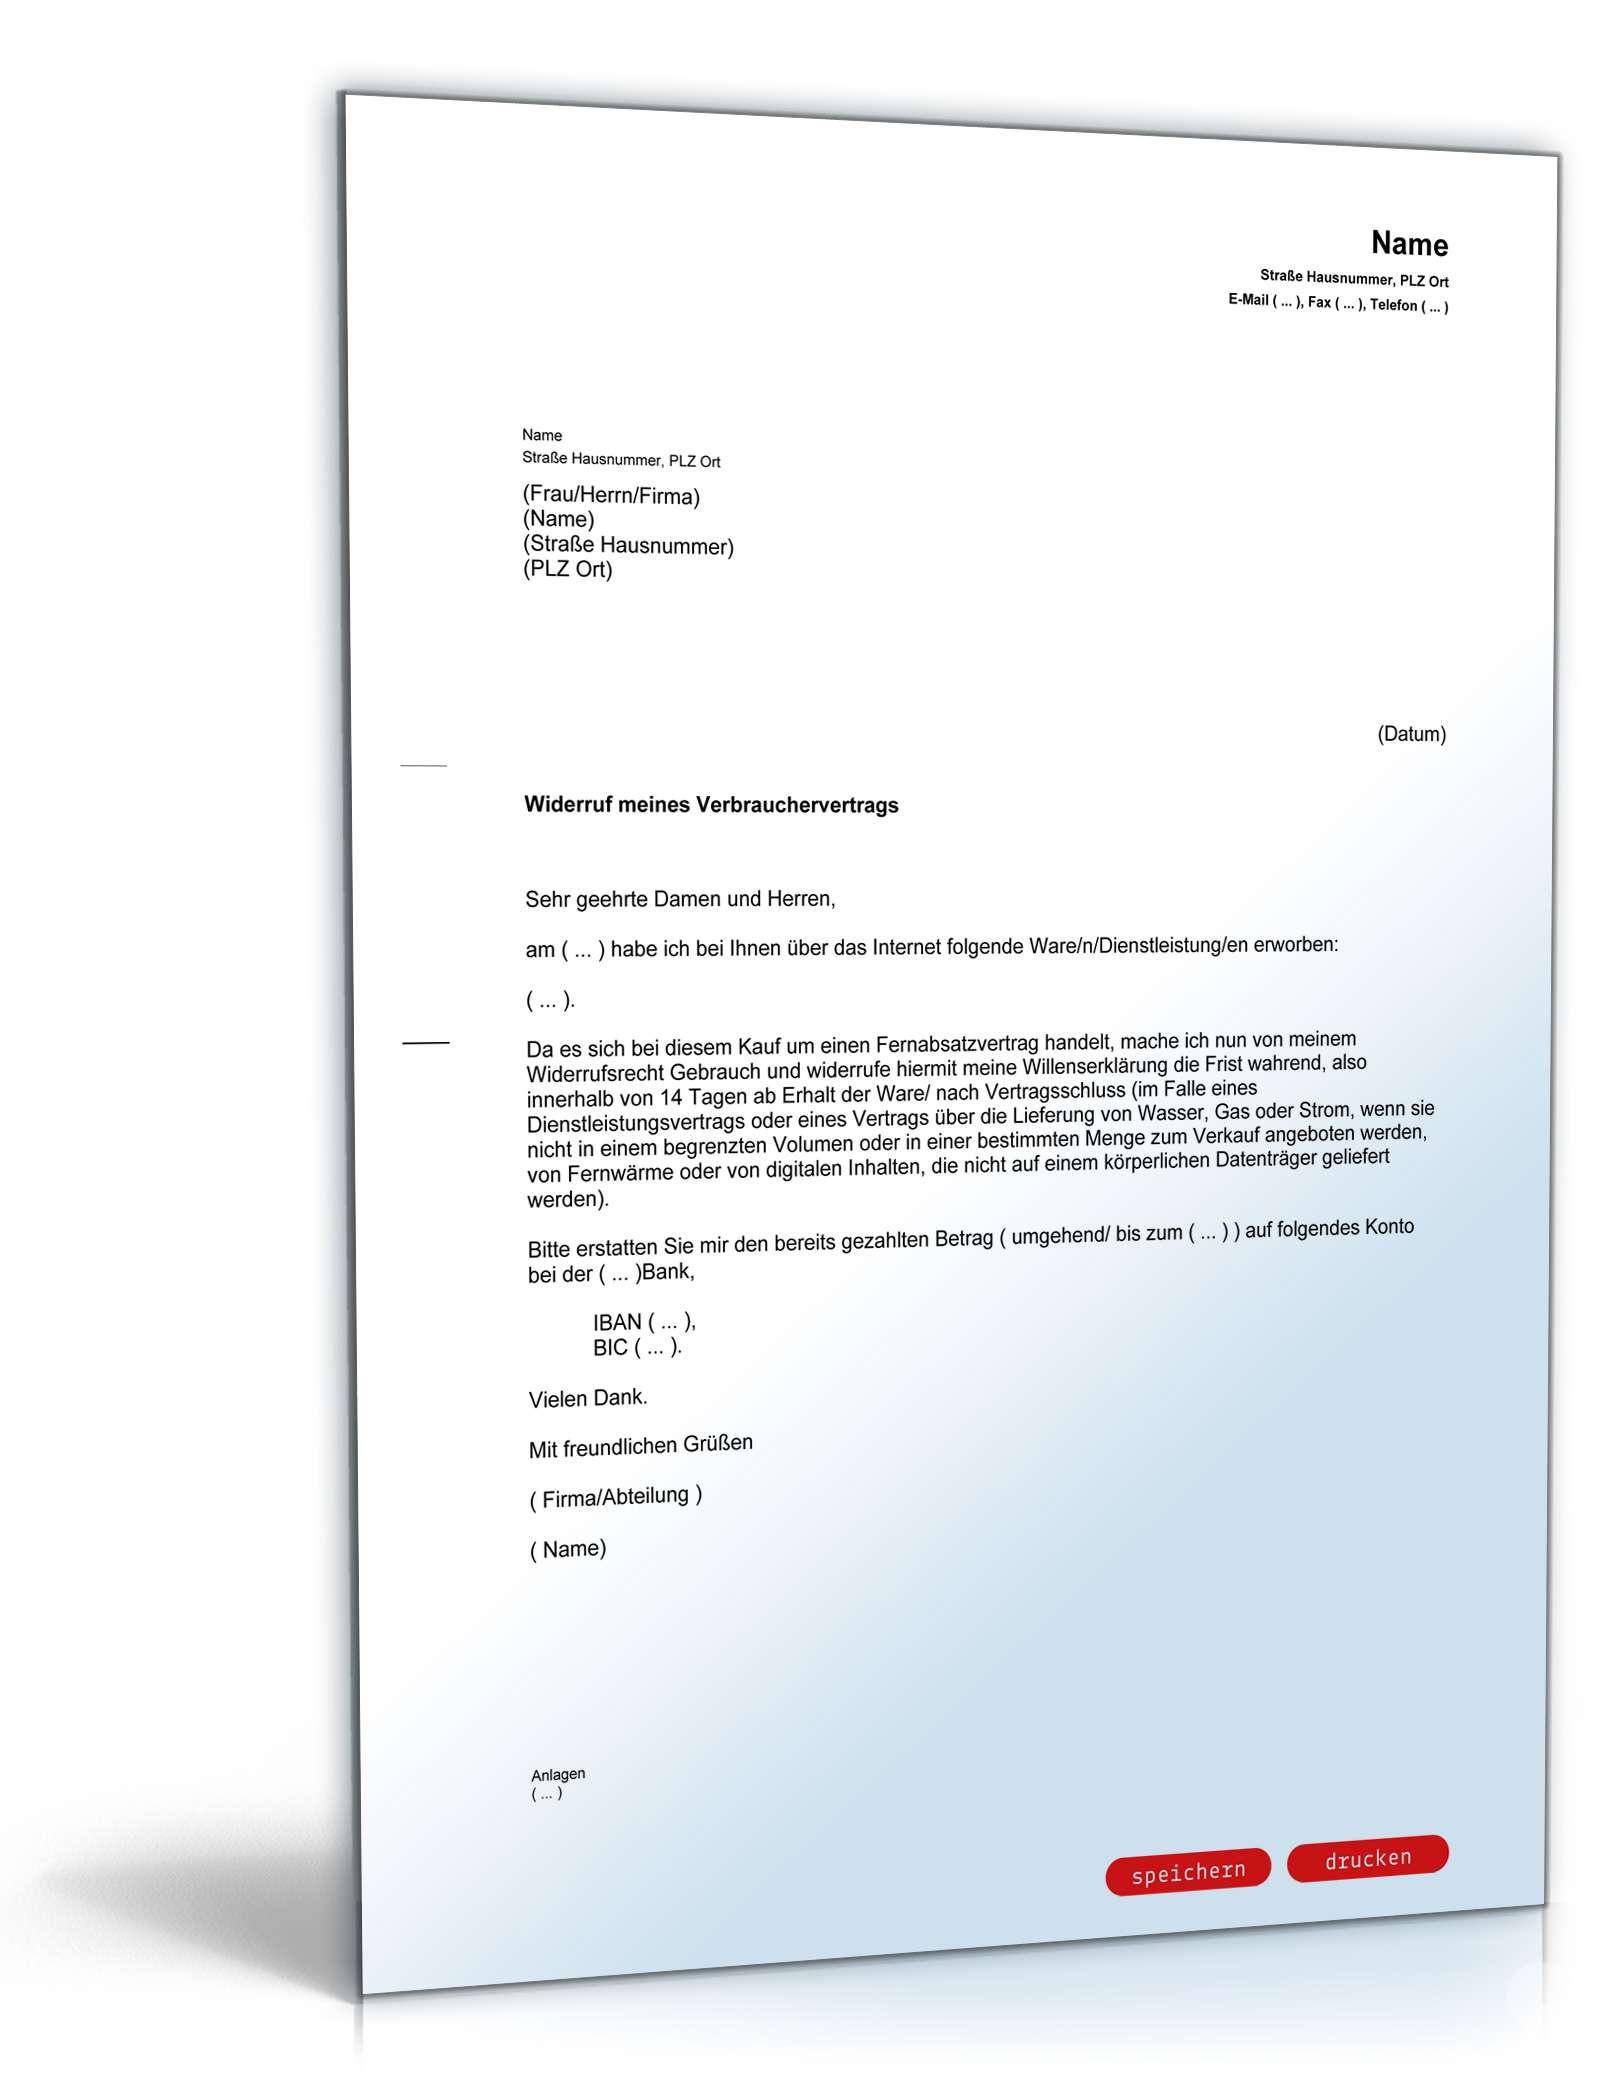 Widerruf Internet-Kaufvertrag nach Fernabsatzrecht